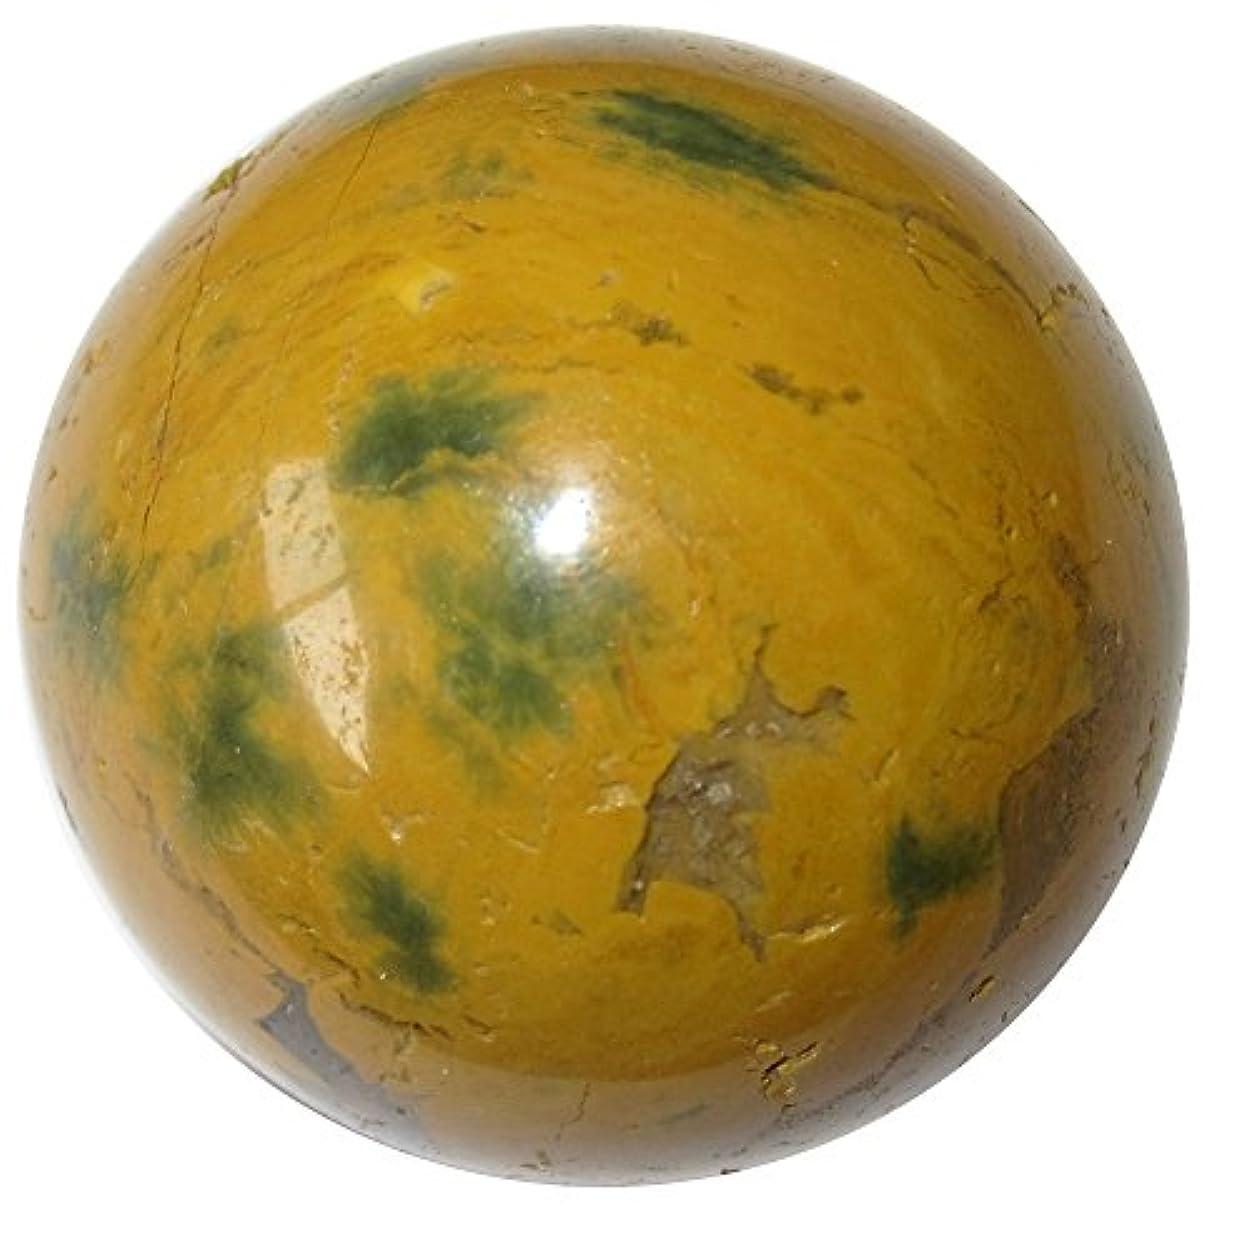 アジア人ベンチトレースサテンクリスタルジャスパー海洋ボールプレミアムマダガスカル球水要素エネルギーフローストーンp01 1.6 Inches イエロー jasperoceanball01-mustardgreen-1.6